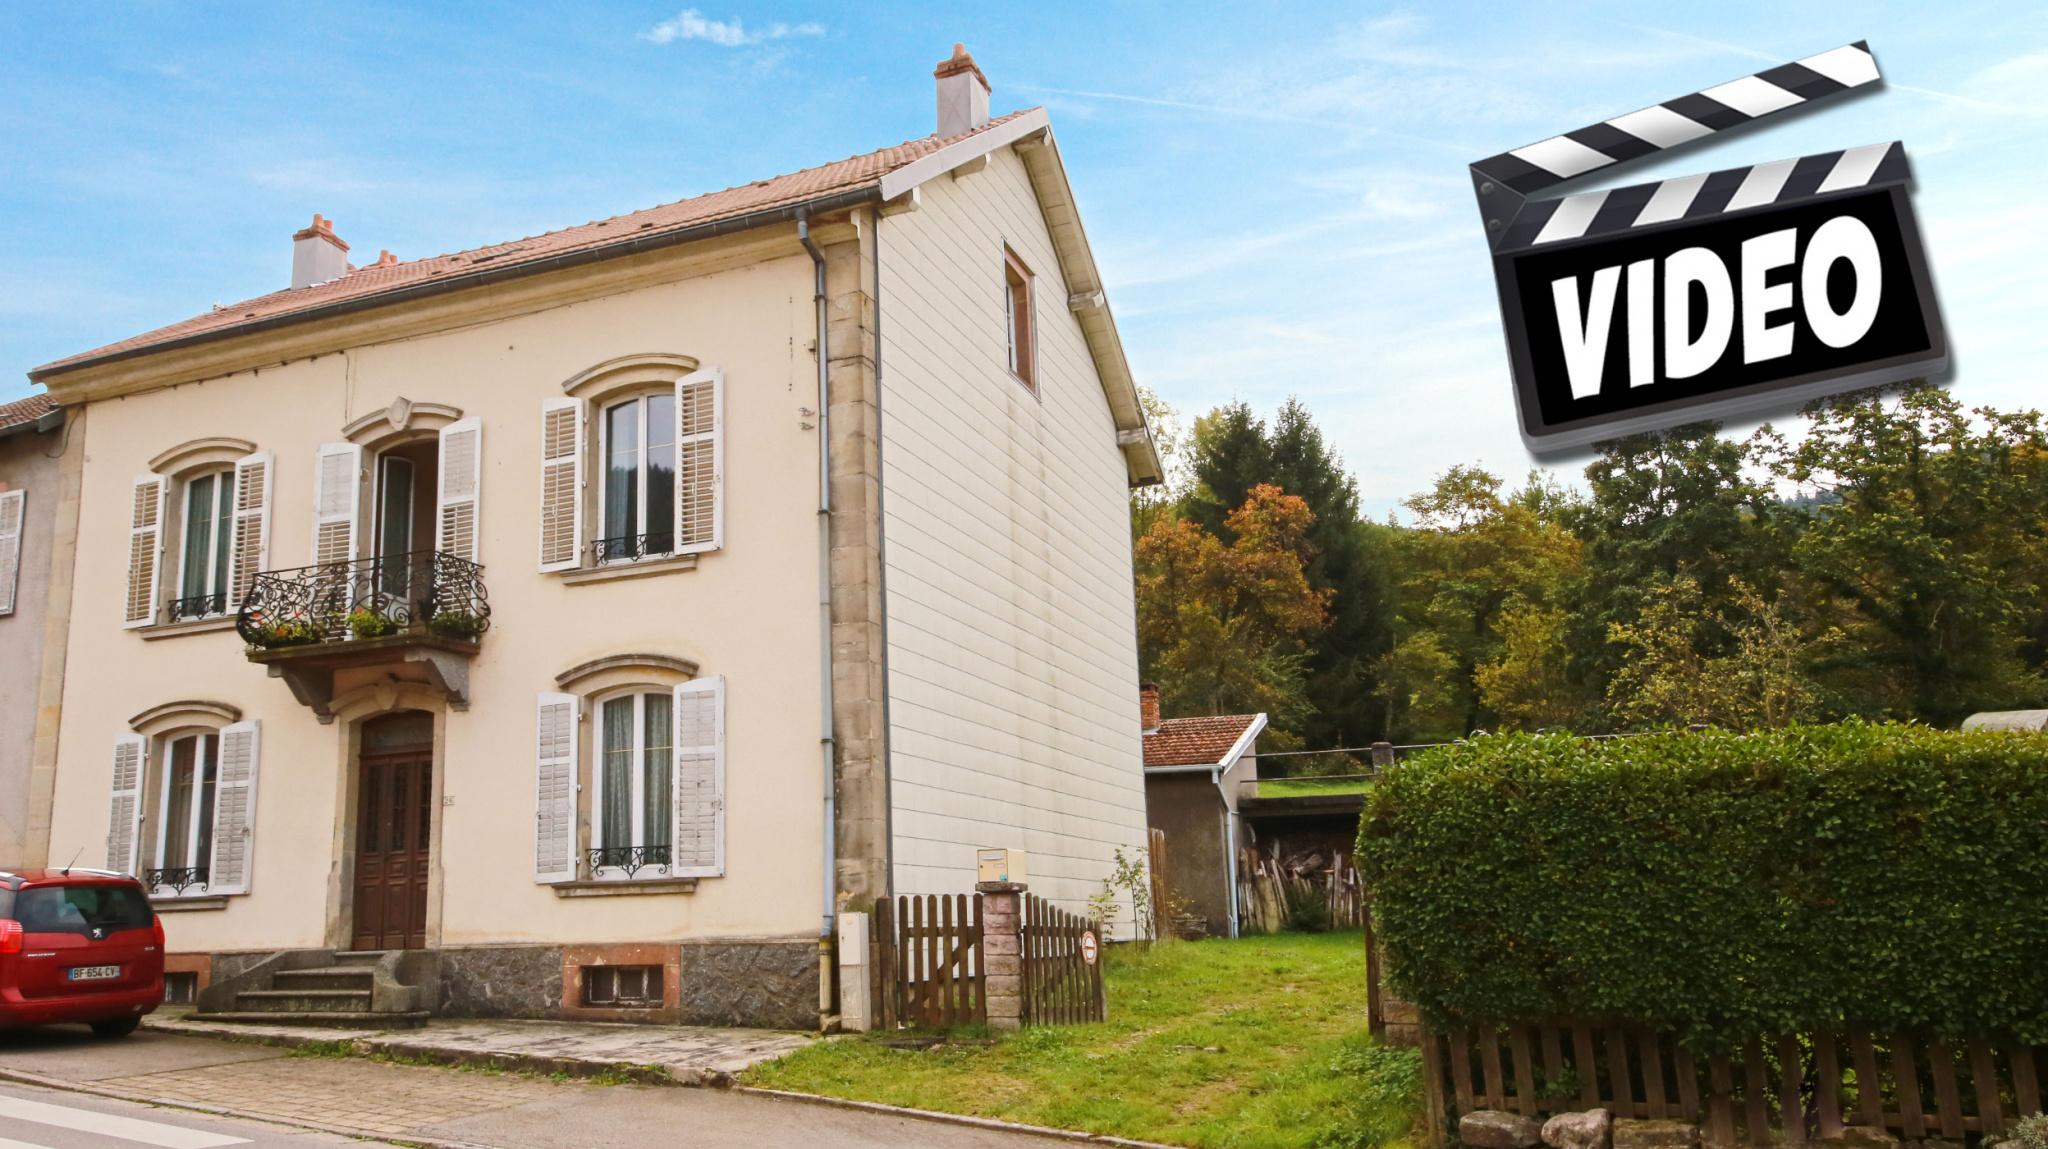 maison/villa à vendre wisembach